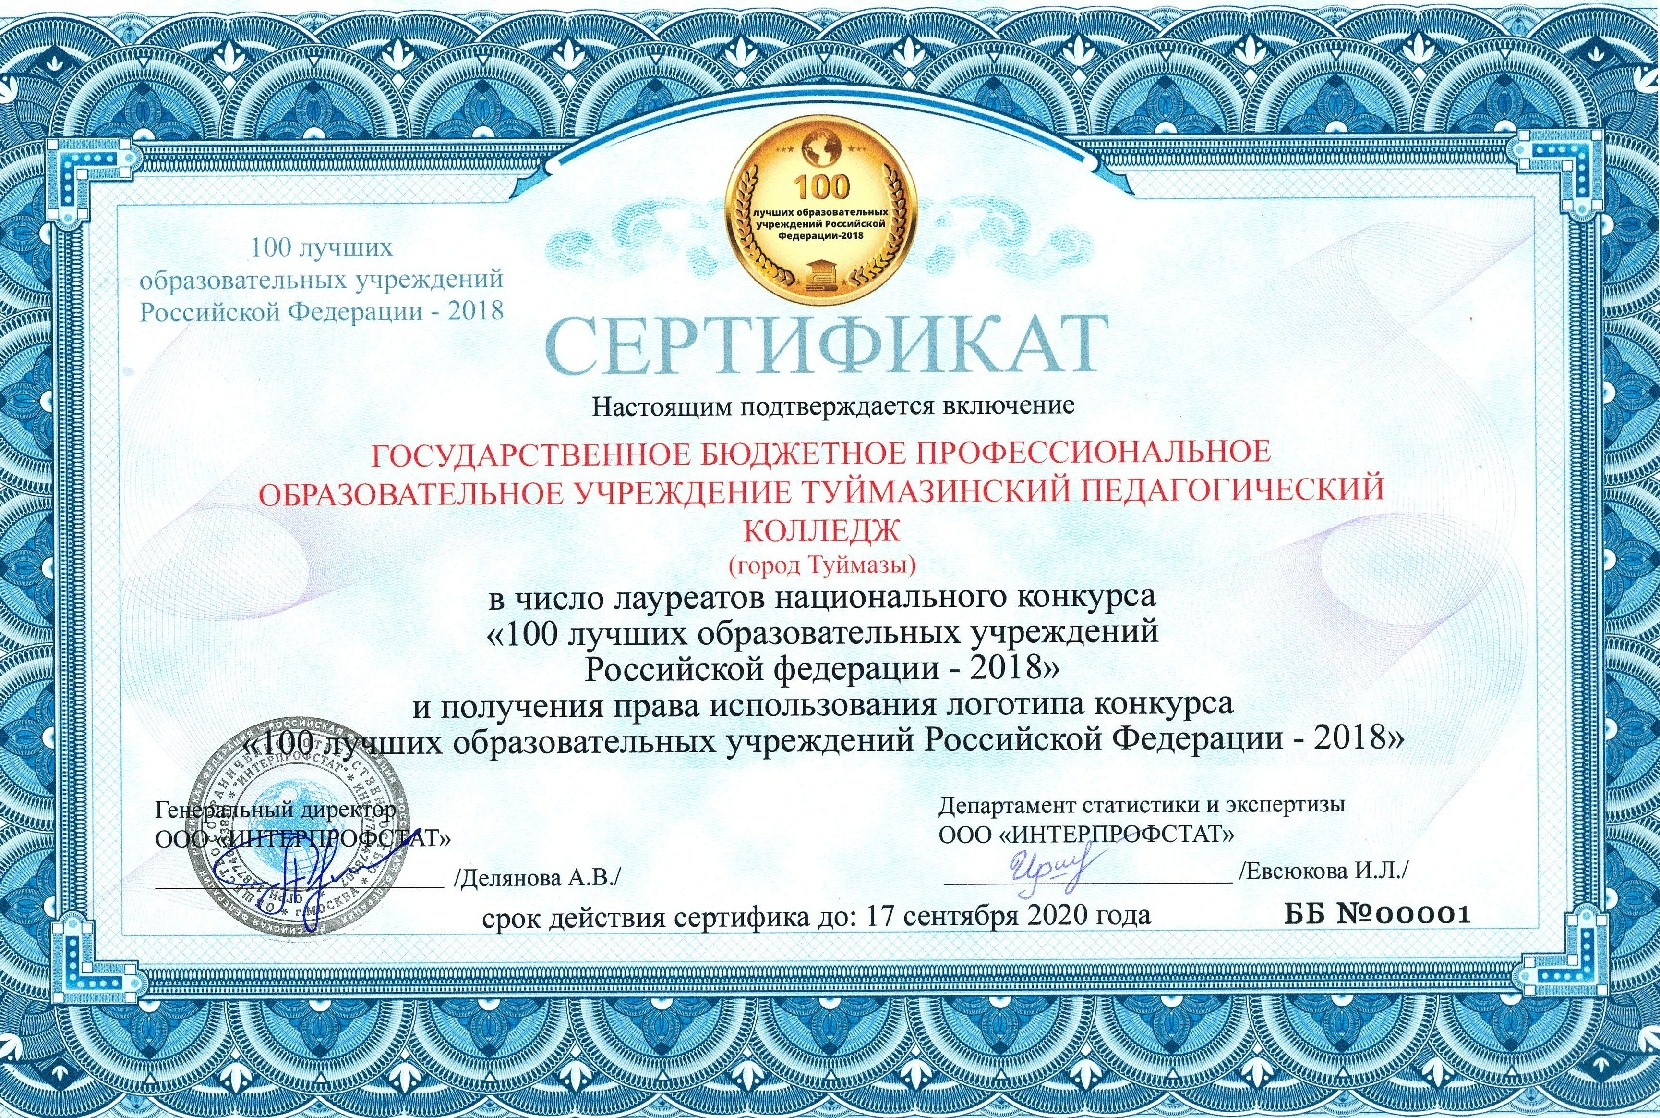 копия сертификата